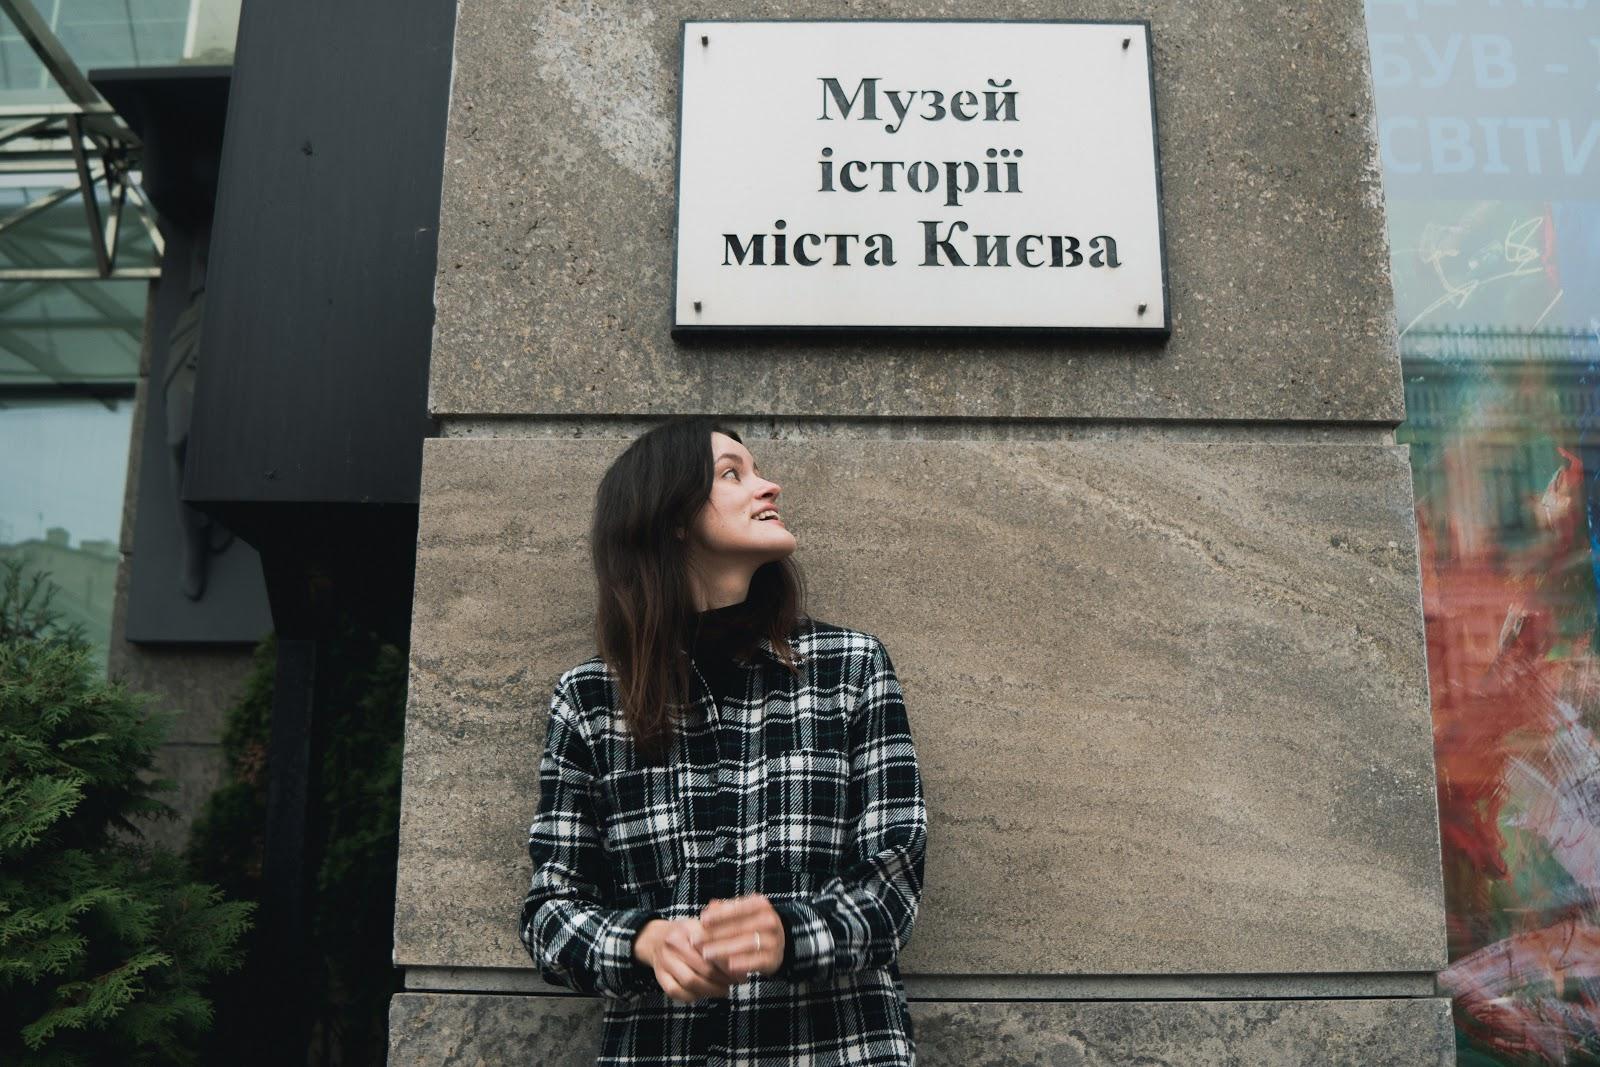 Юлія Строй, авторка айдентики